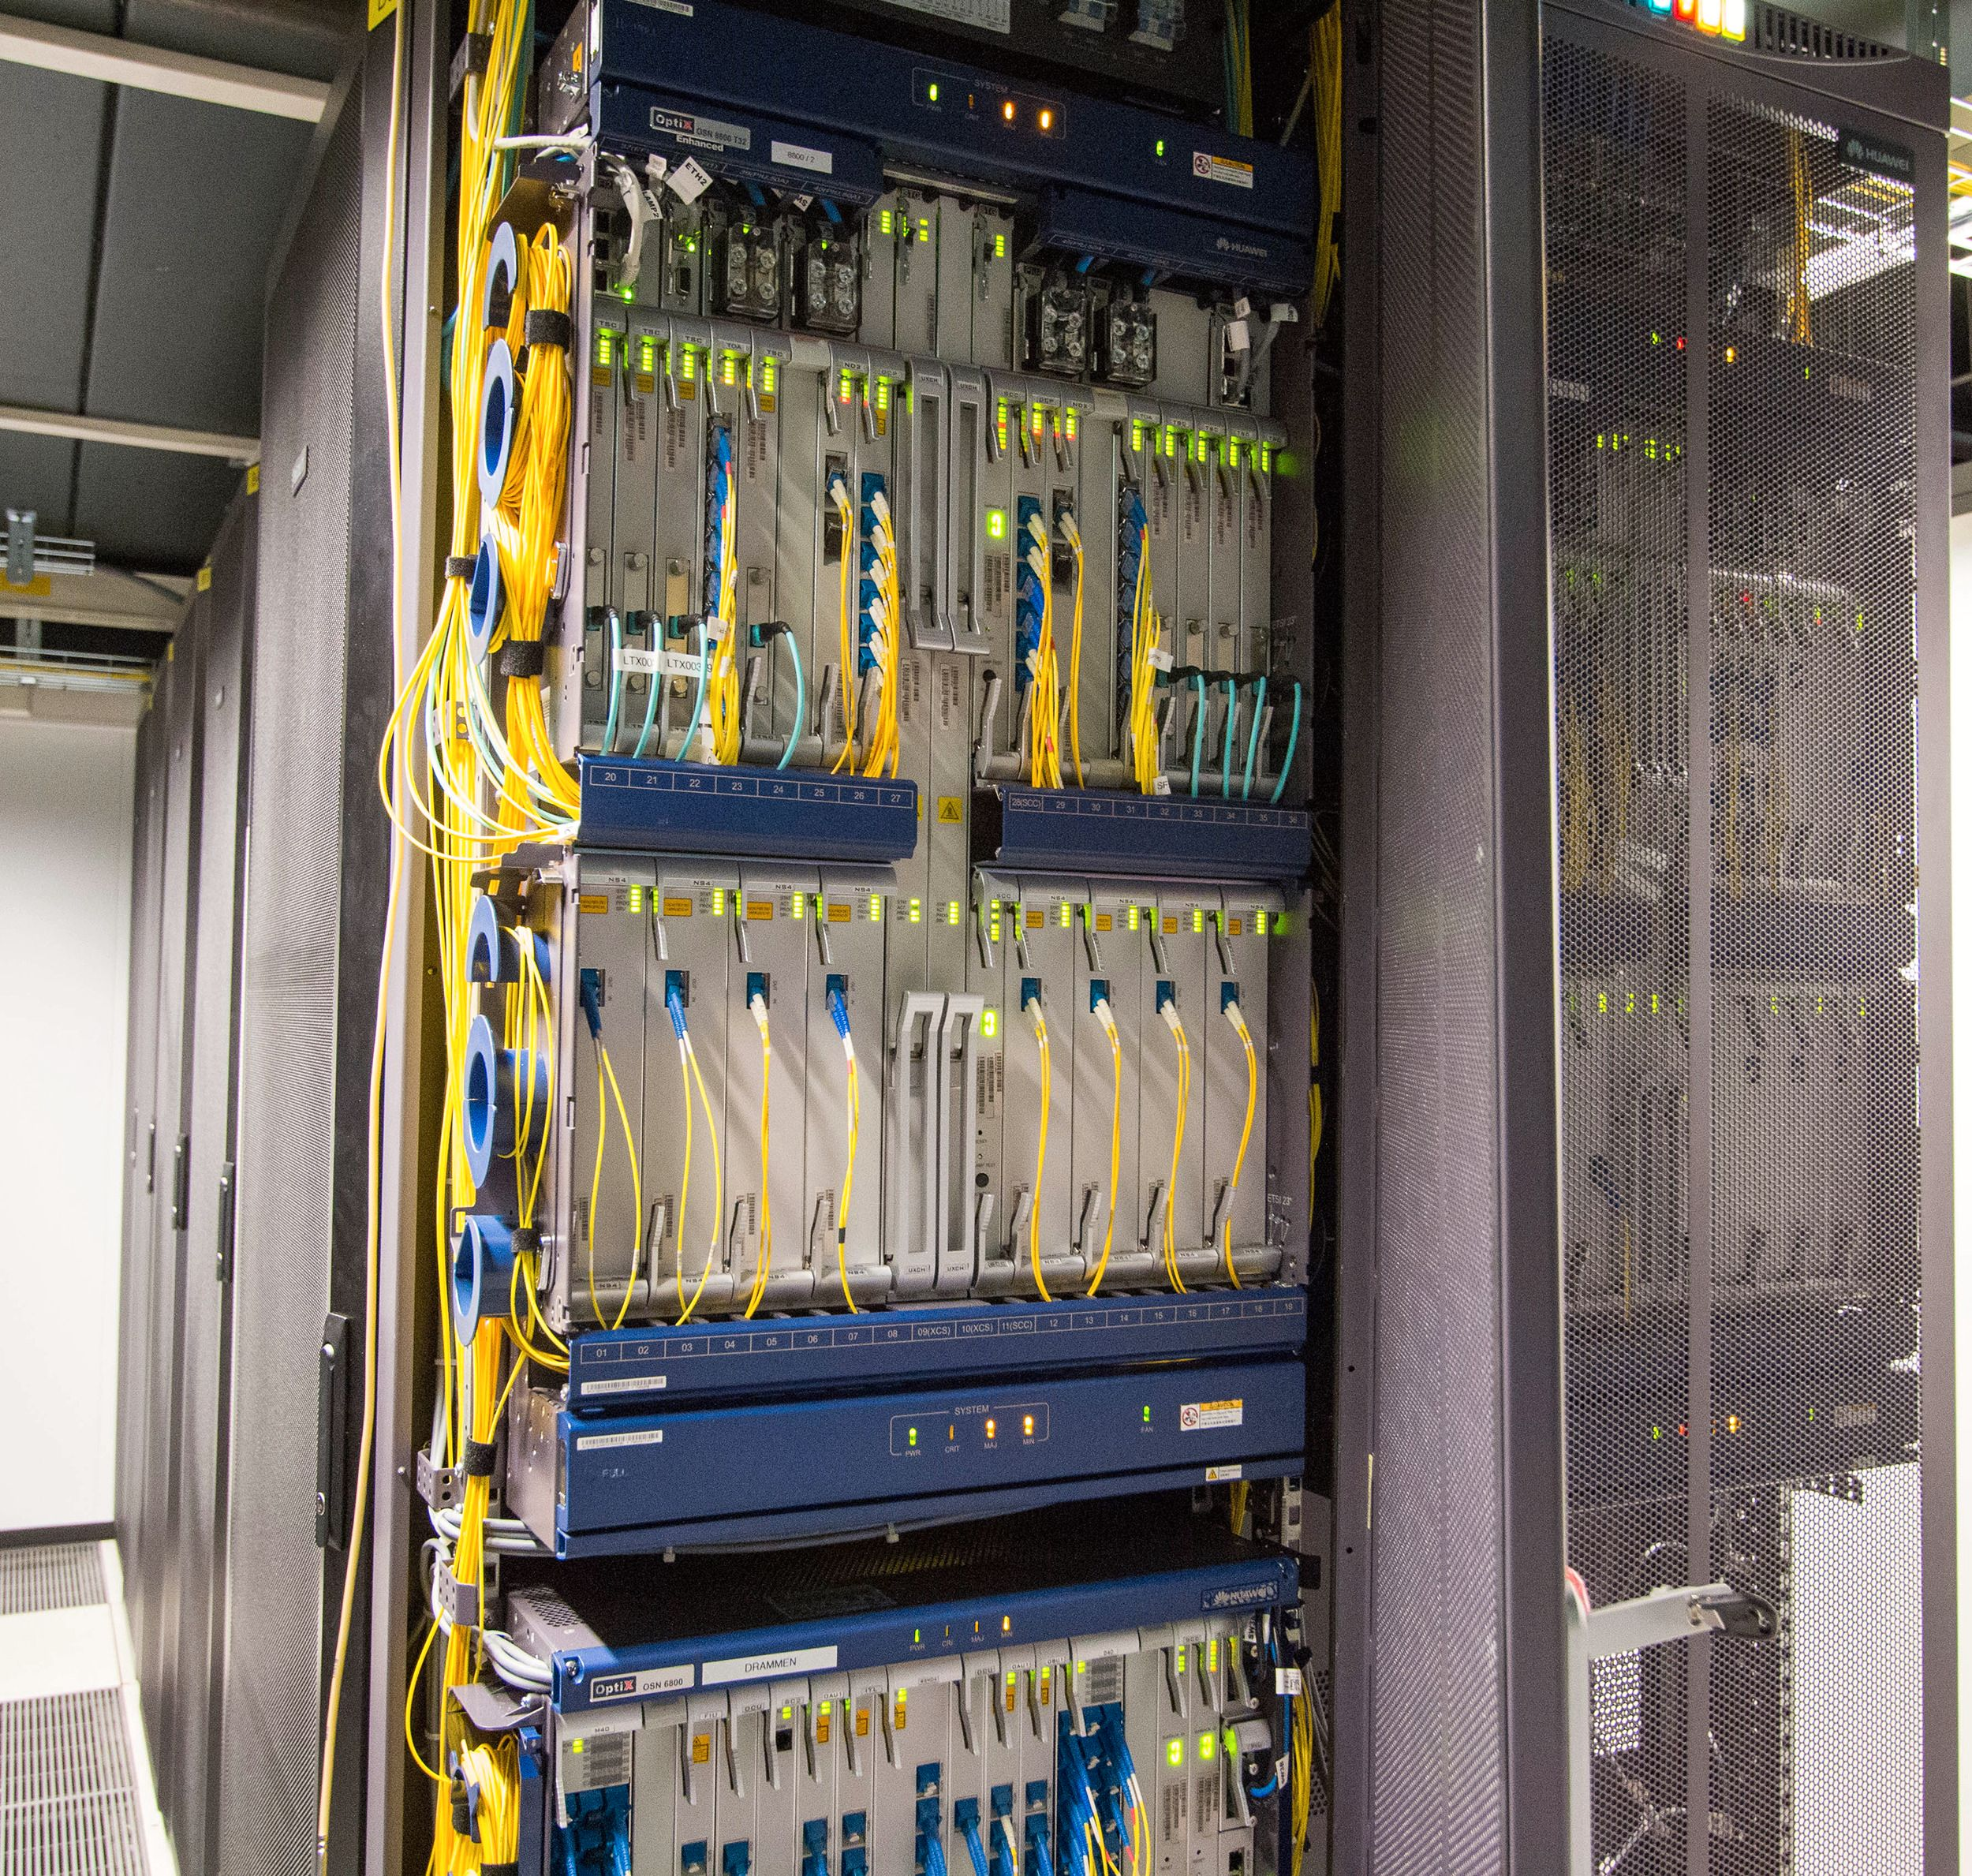 Datatrafikken sendes med lys i 80 ulike farger gjennom fiberkablene, slik at man kan overføre 80 datastrømmer samtidig per kabel.